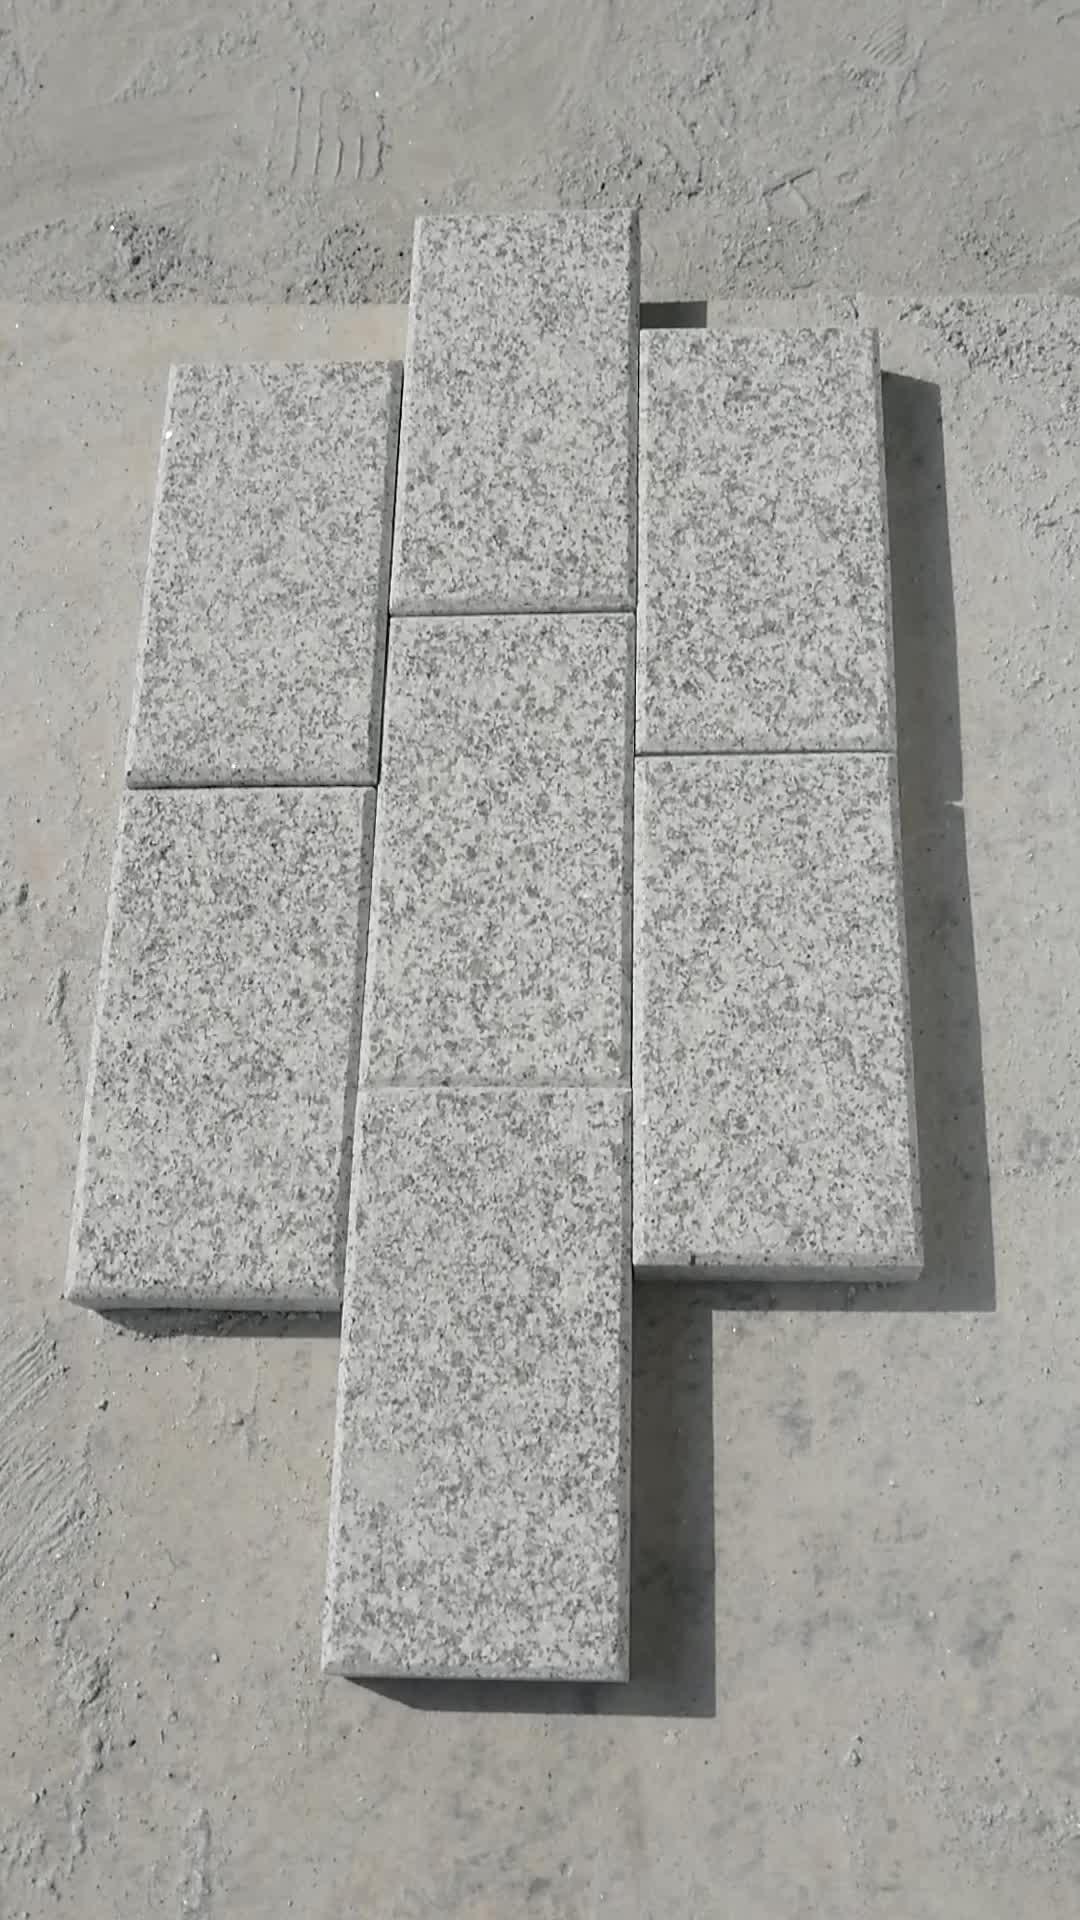 60 by 30cm G603 Grey granite pool coping tile